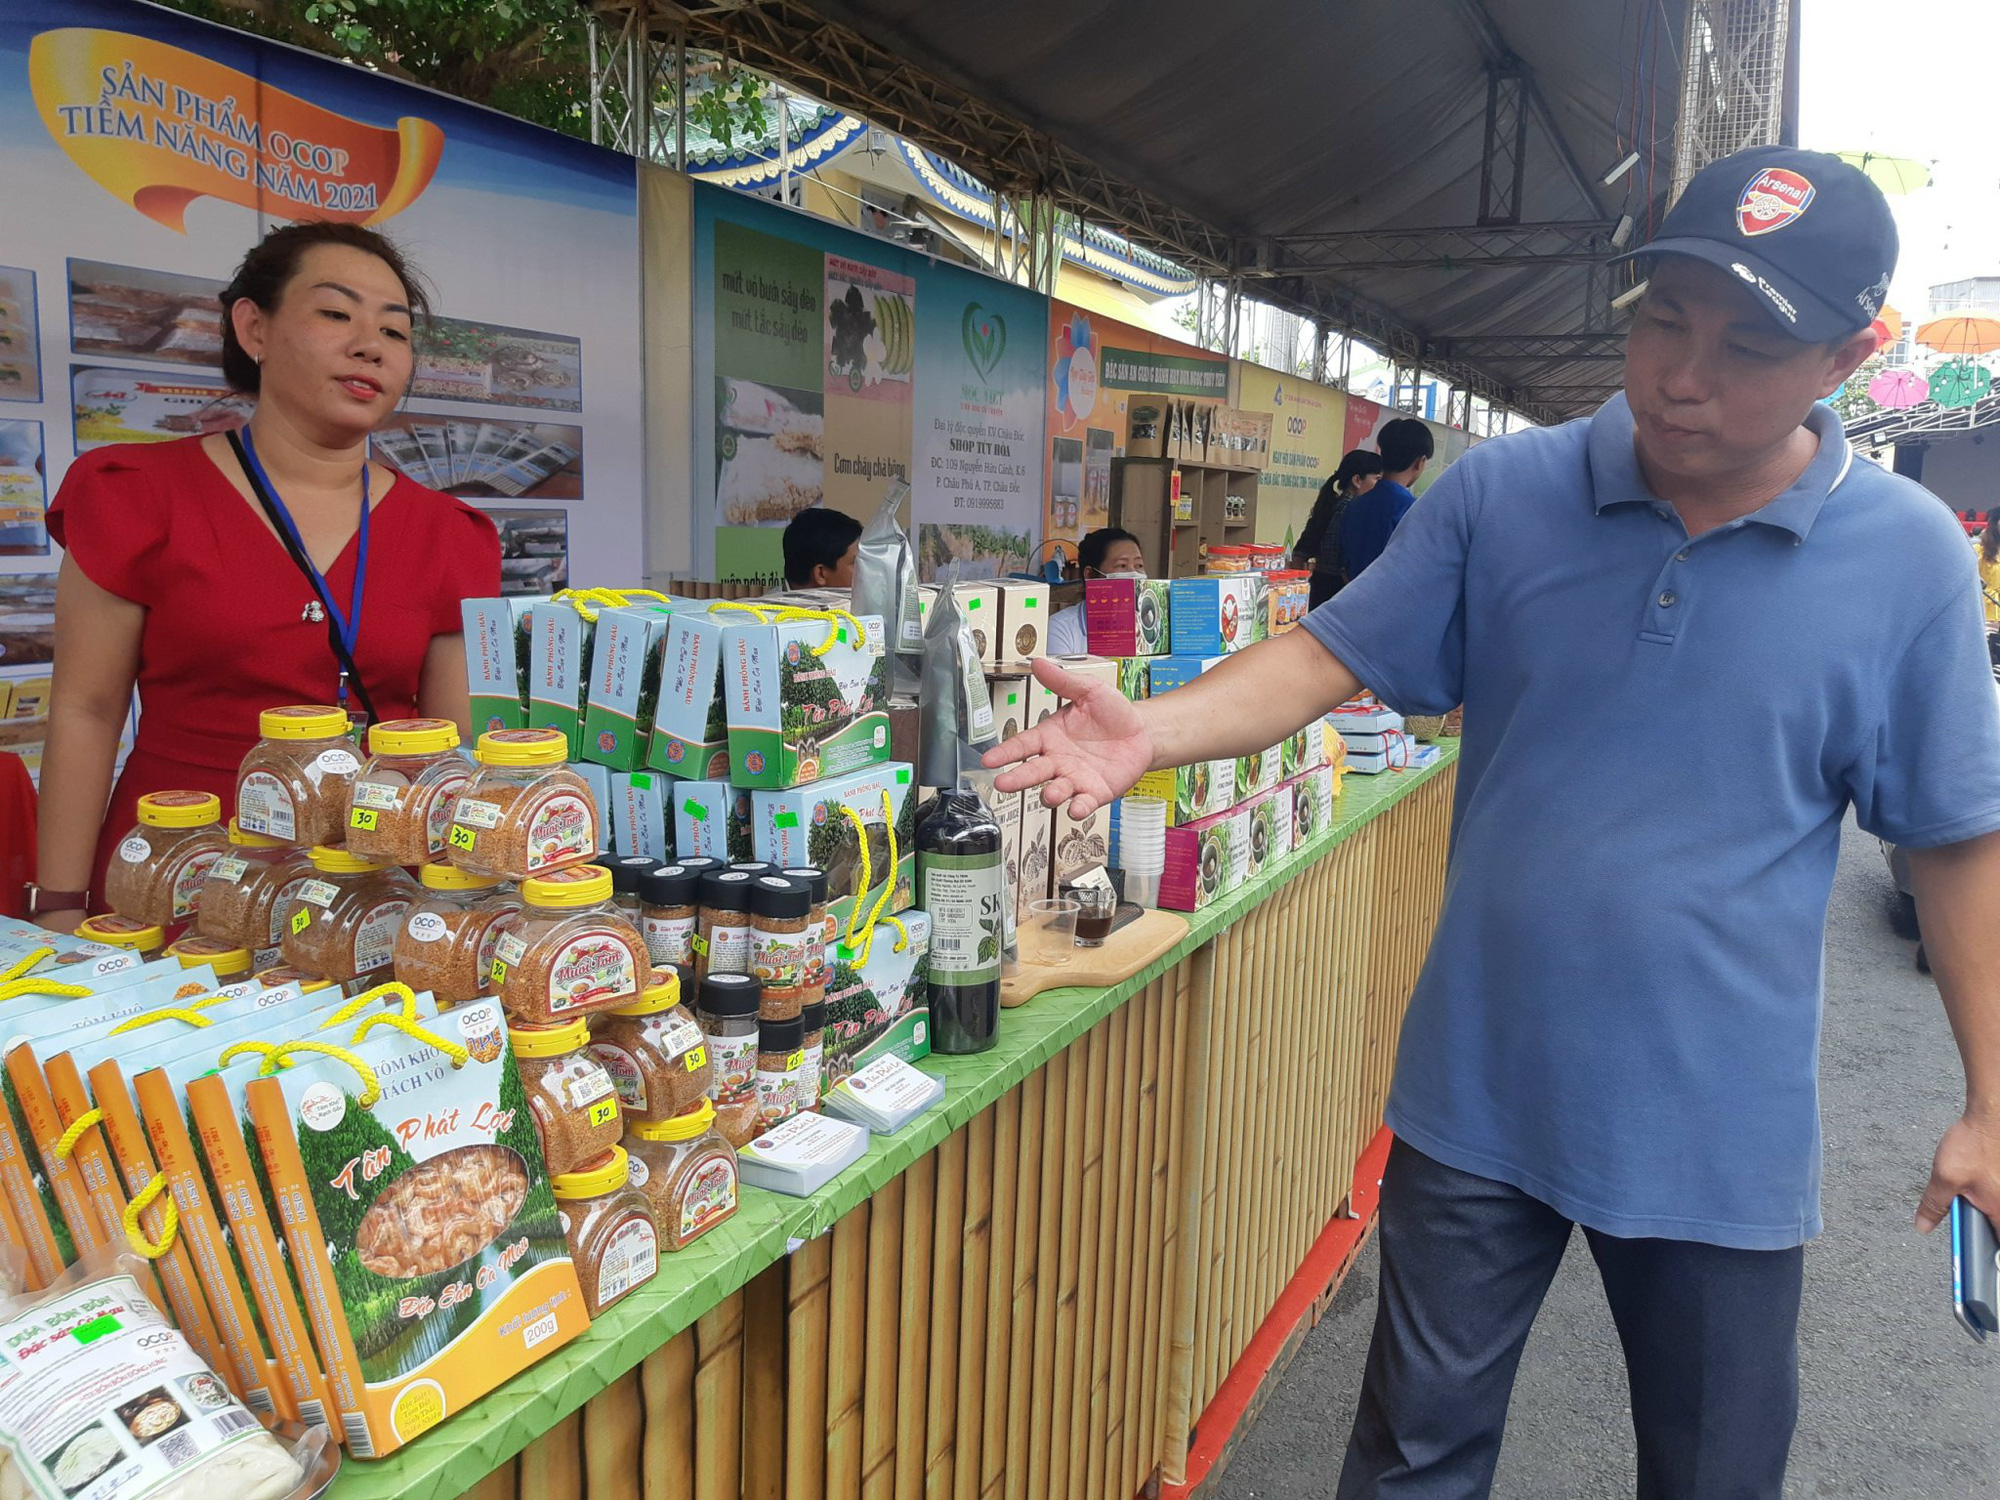 Sản phẩm OCOP 24 tỉnh, thành hội tụ tại Châu Đốc An Giang - Ảnh 14.